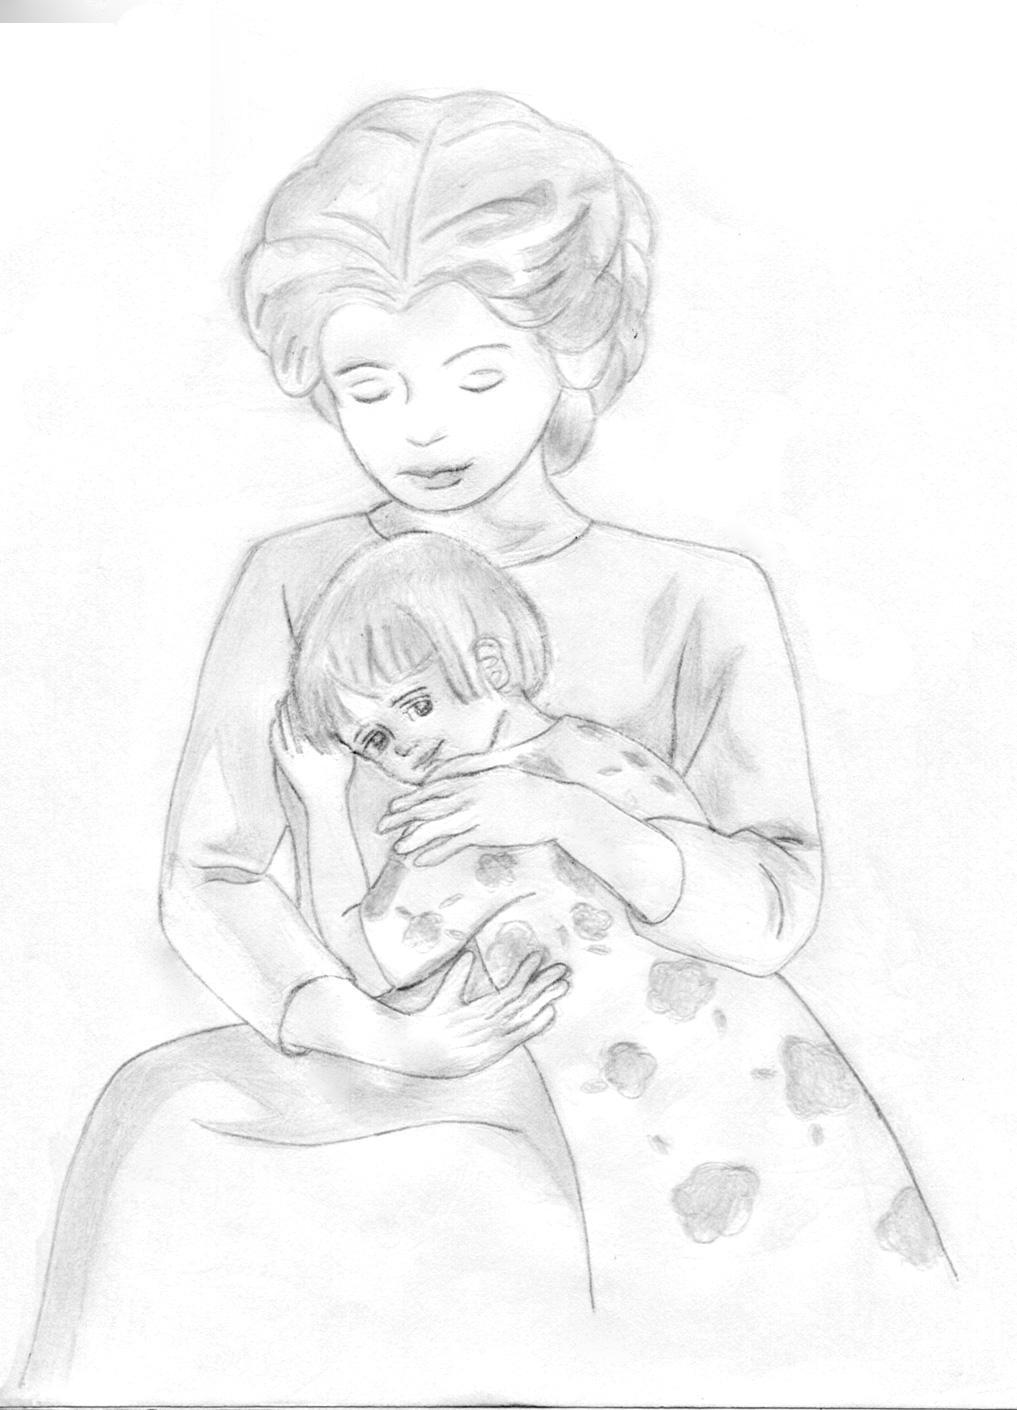 отражает рисунок на тему день матери карандашом просьба вернуть